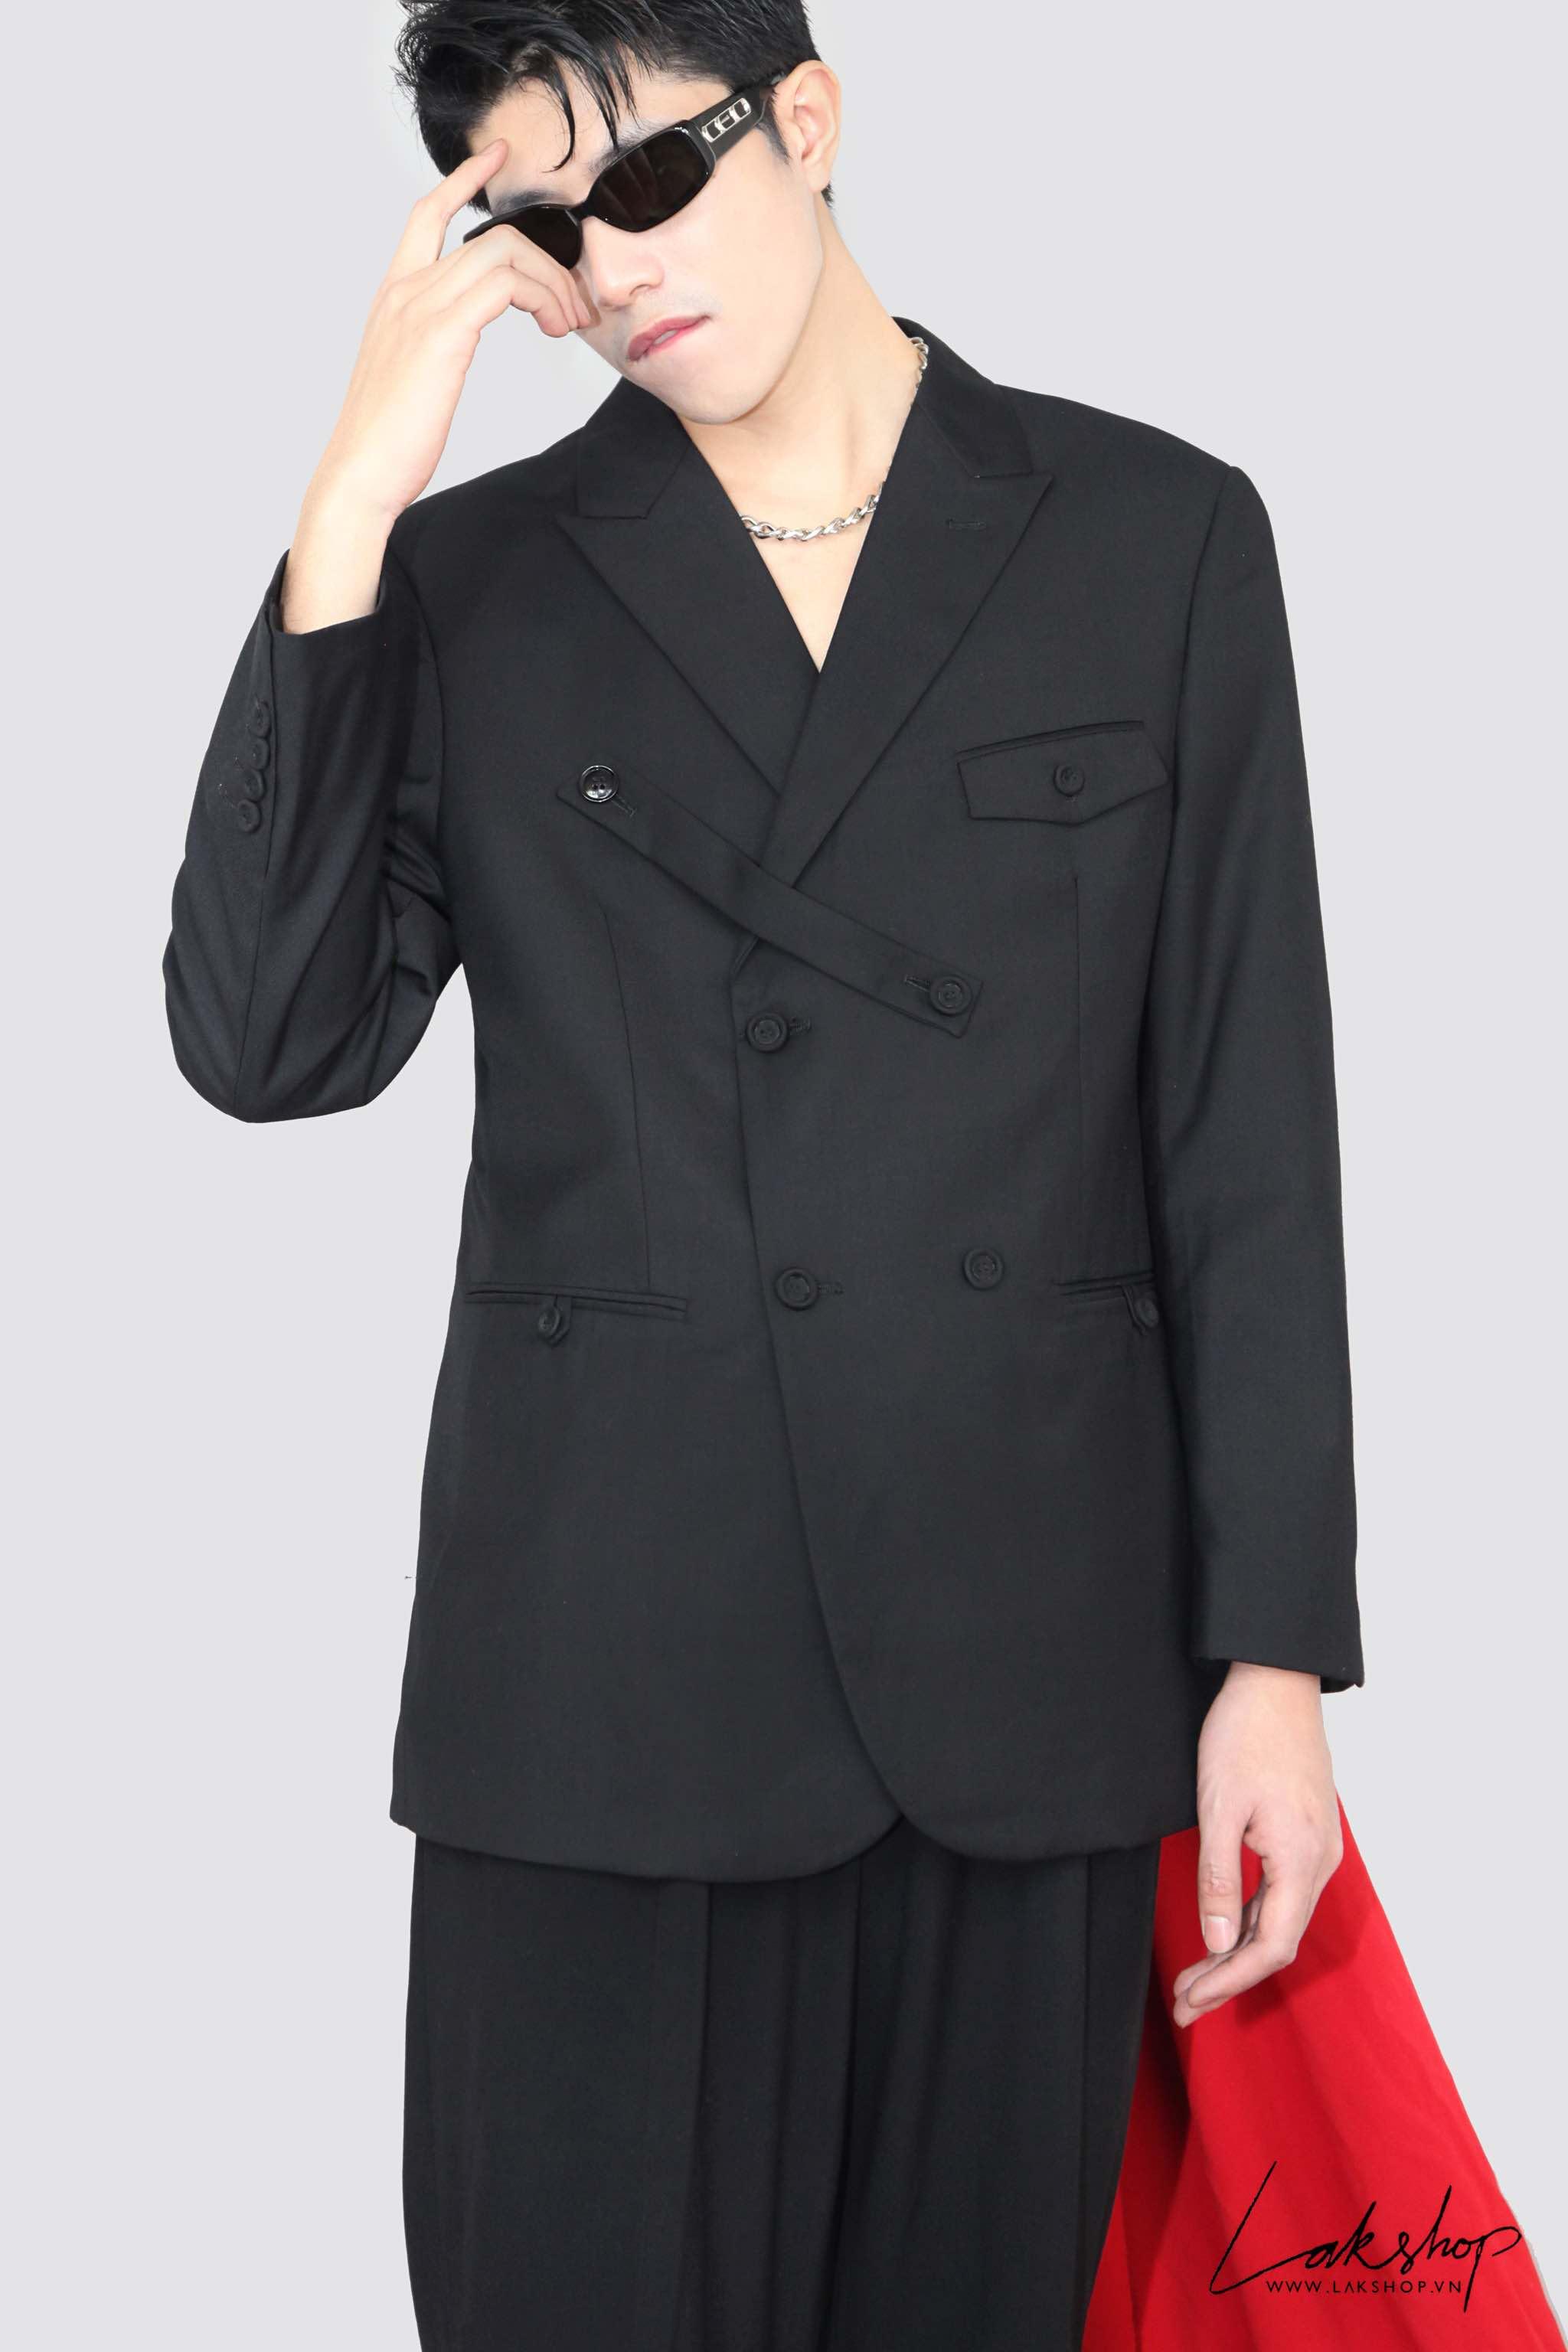 LakStudios Black Satin Collar Shirt